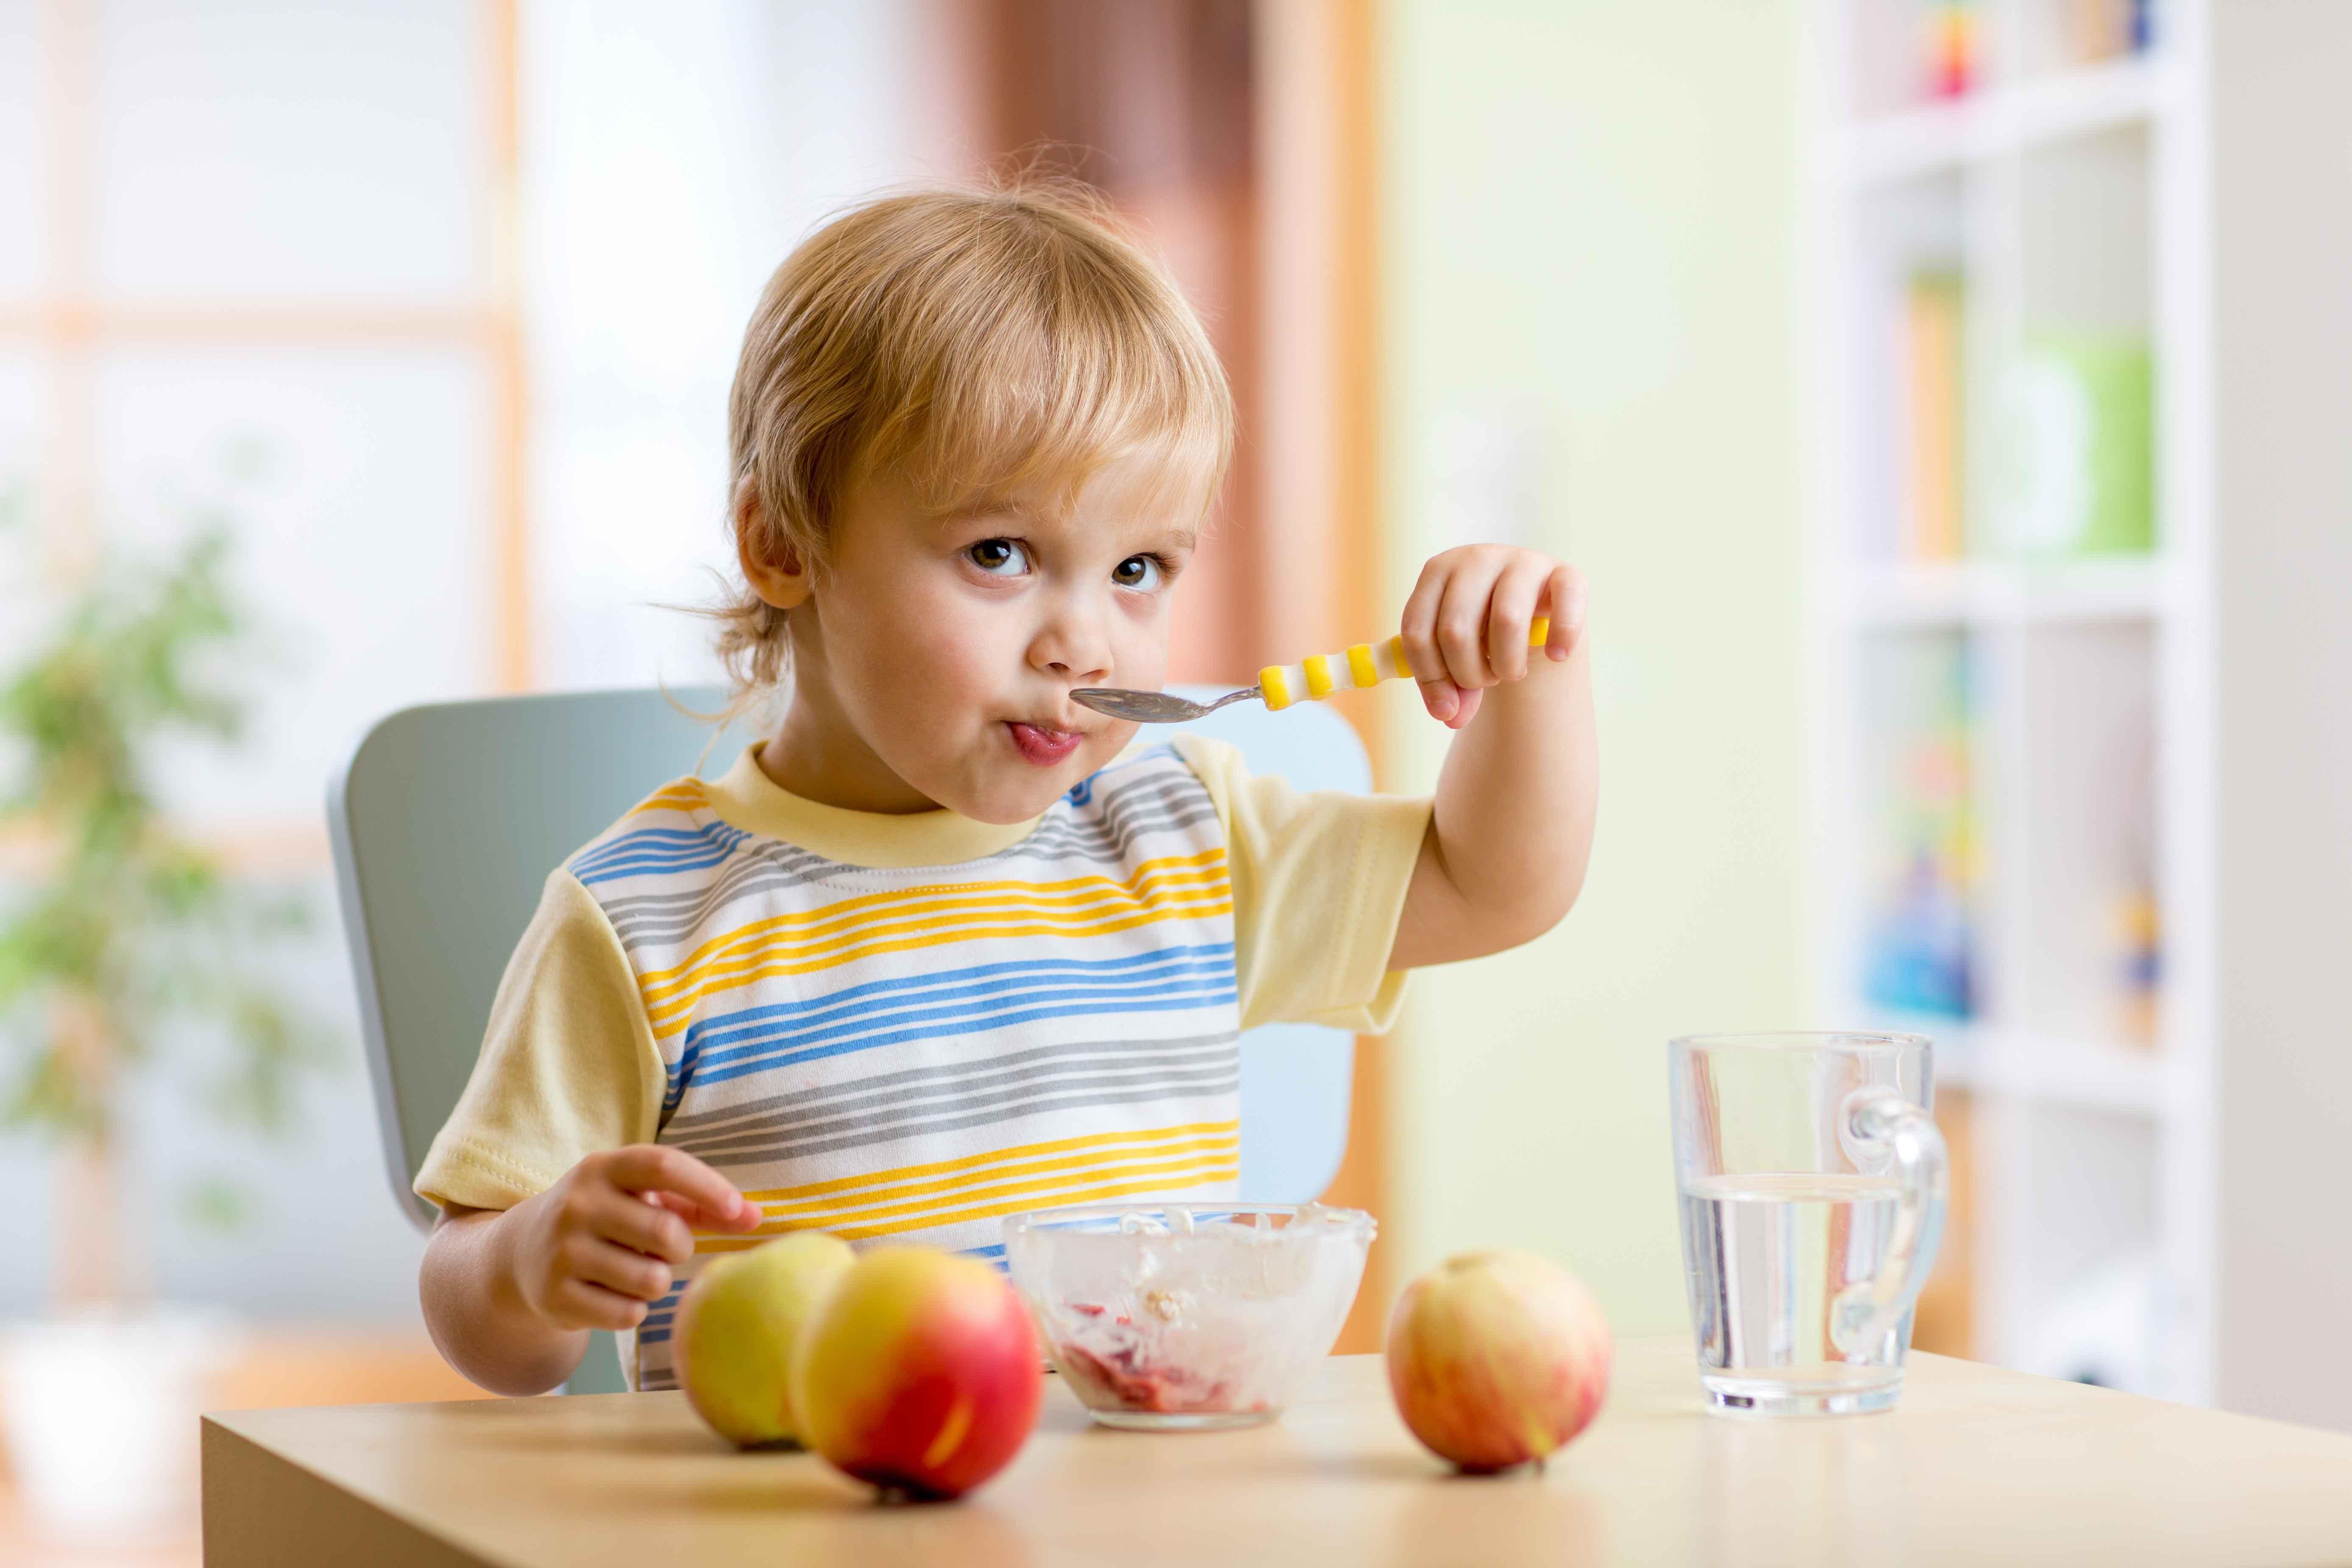 小孩发烧能吃水果_宝宝辅食黑名单! 一岁以内不能吃这些食物,父母切记!_影响